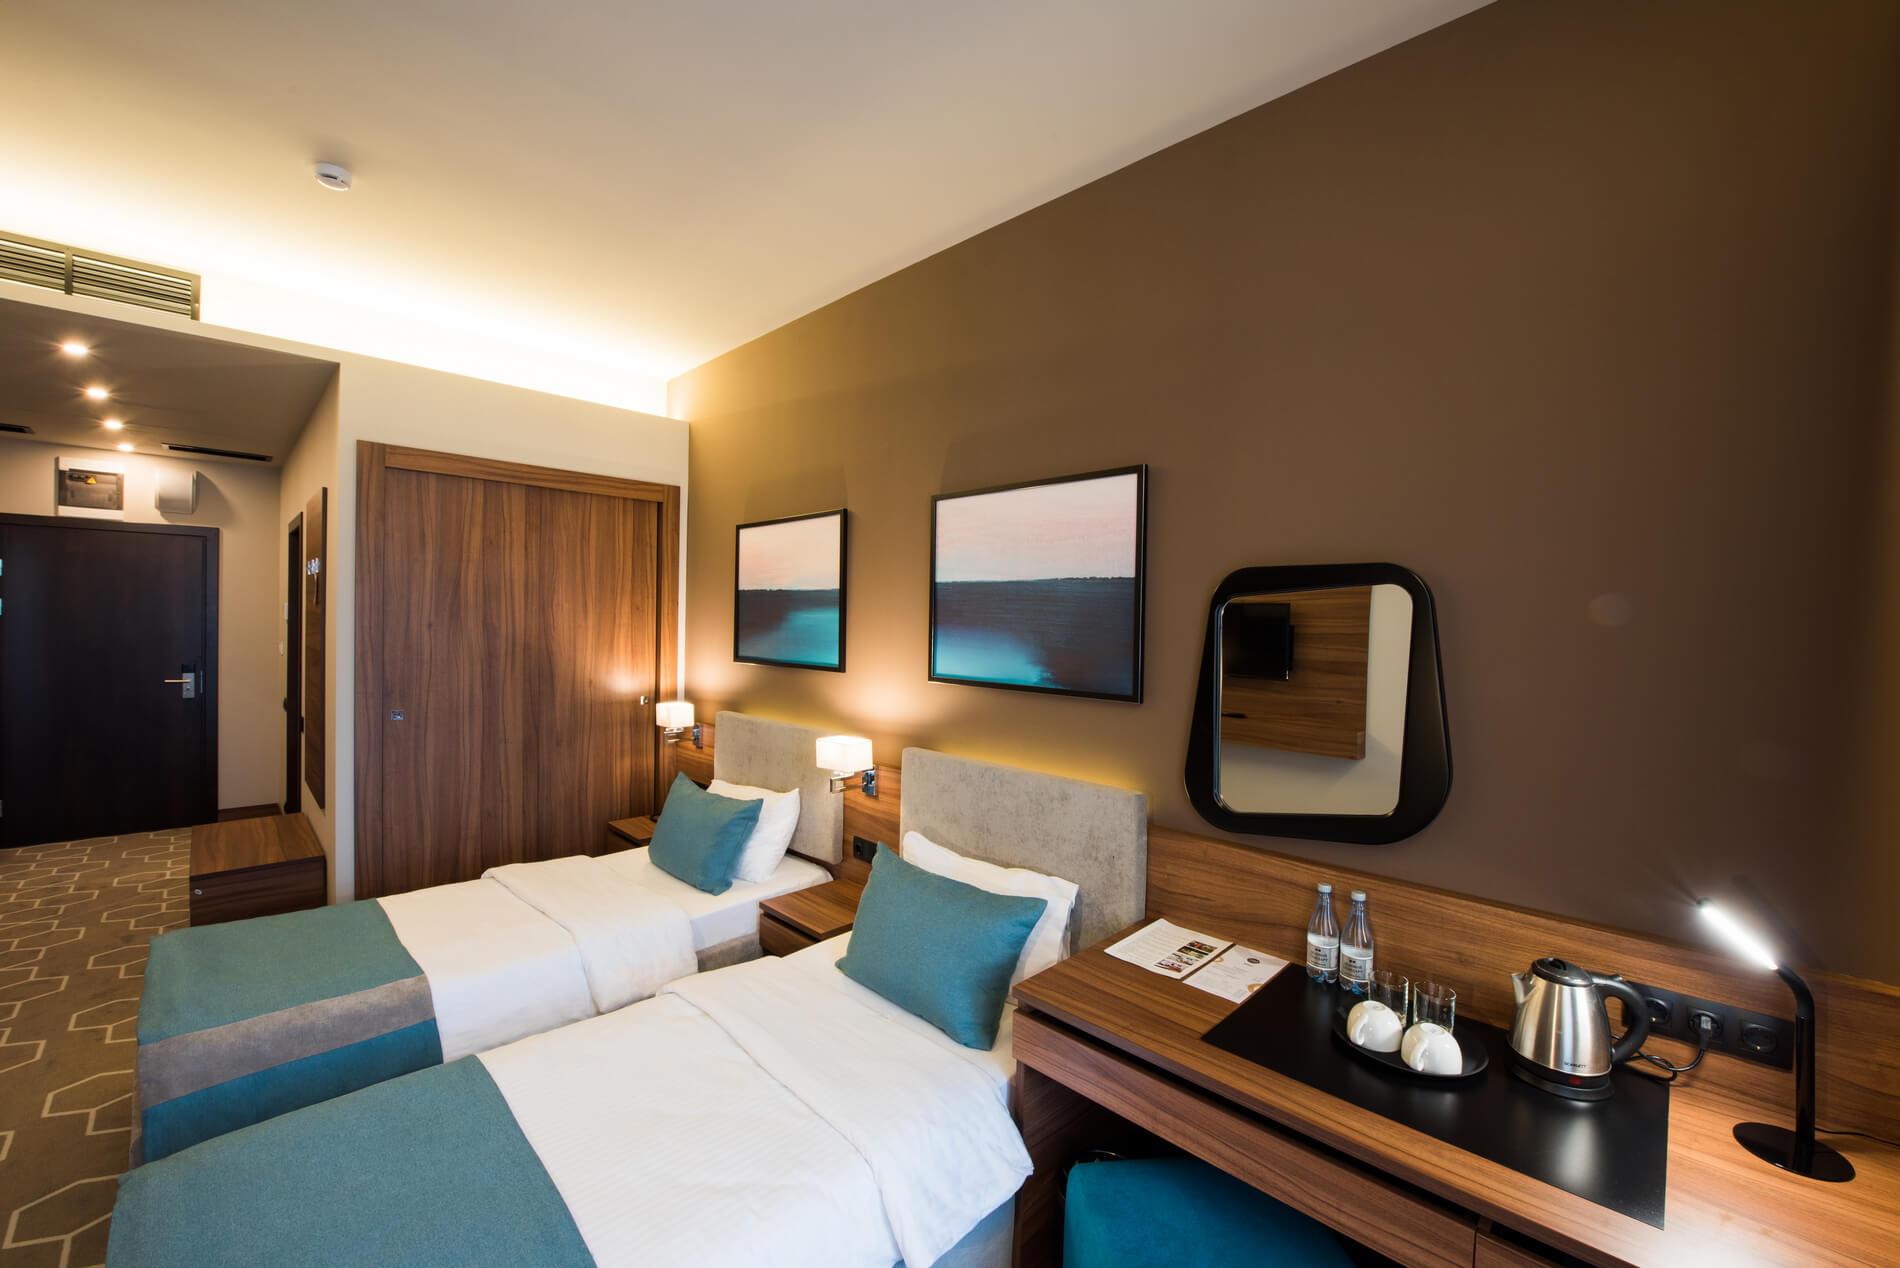 двухместный номер с двумя кроватями Бизнес-отель «1905»